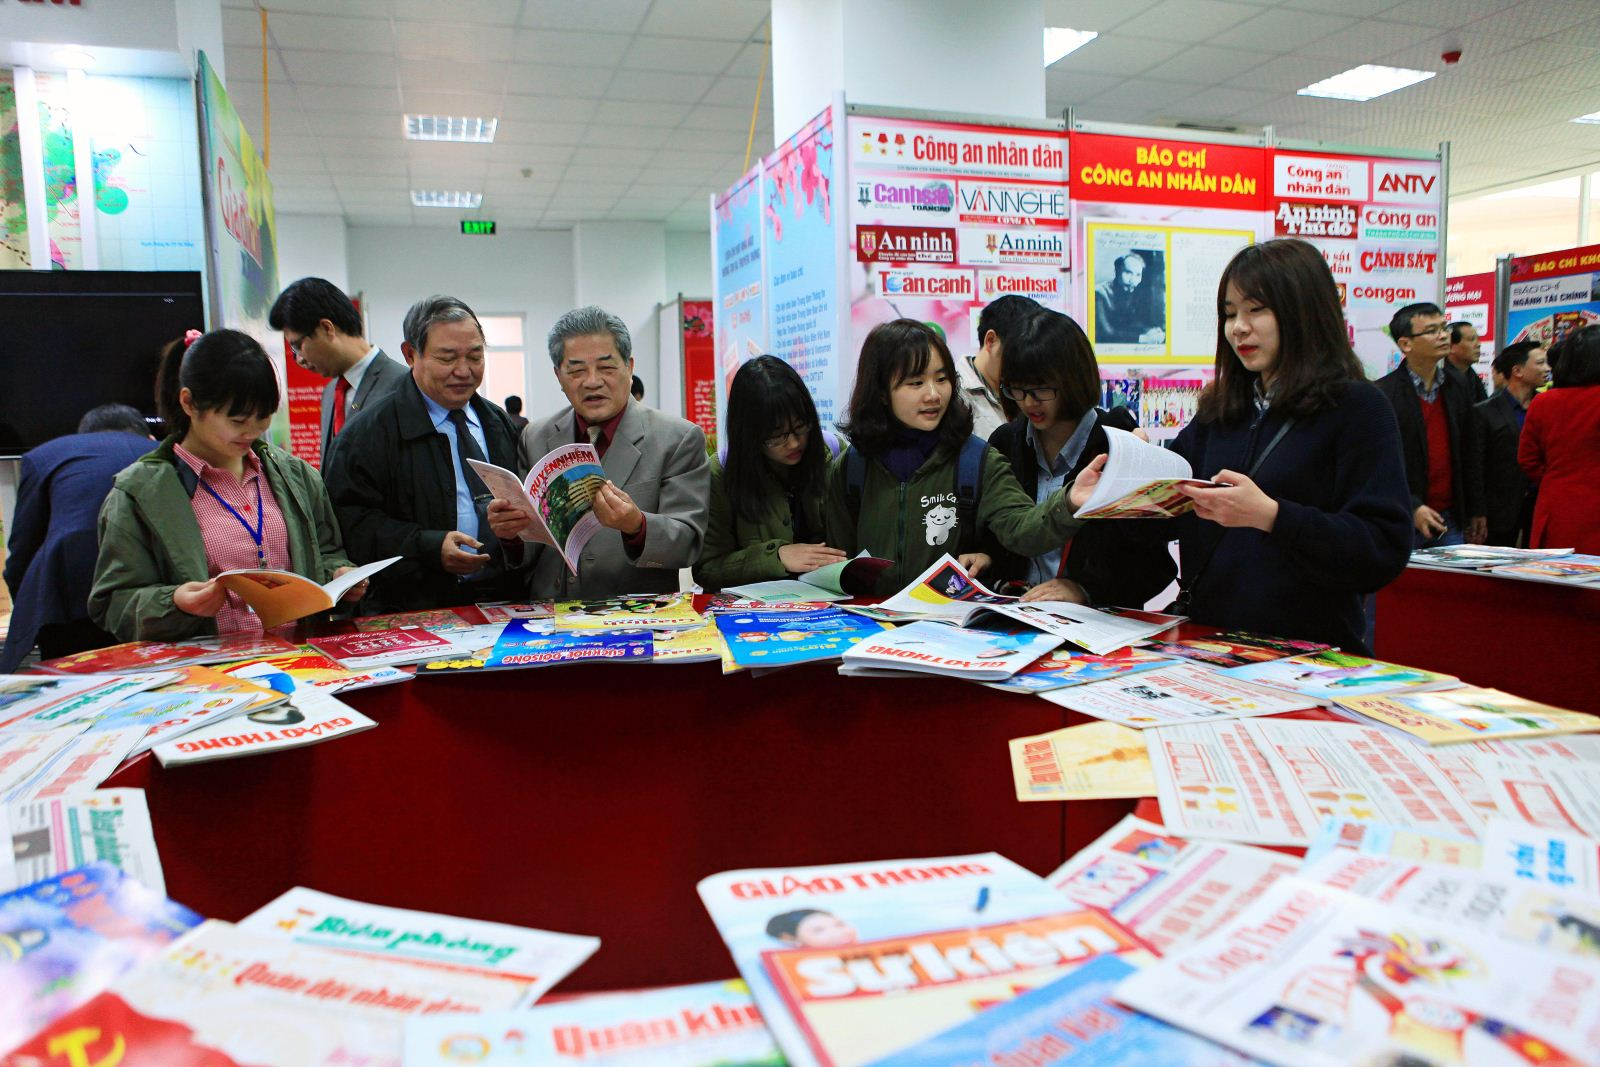 17 марта в Ханое откроется Всереспубликанский праздник газет